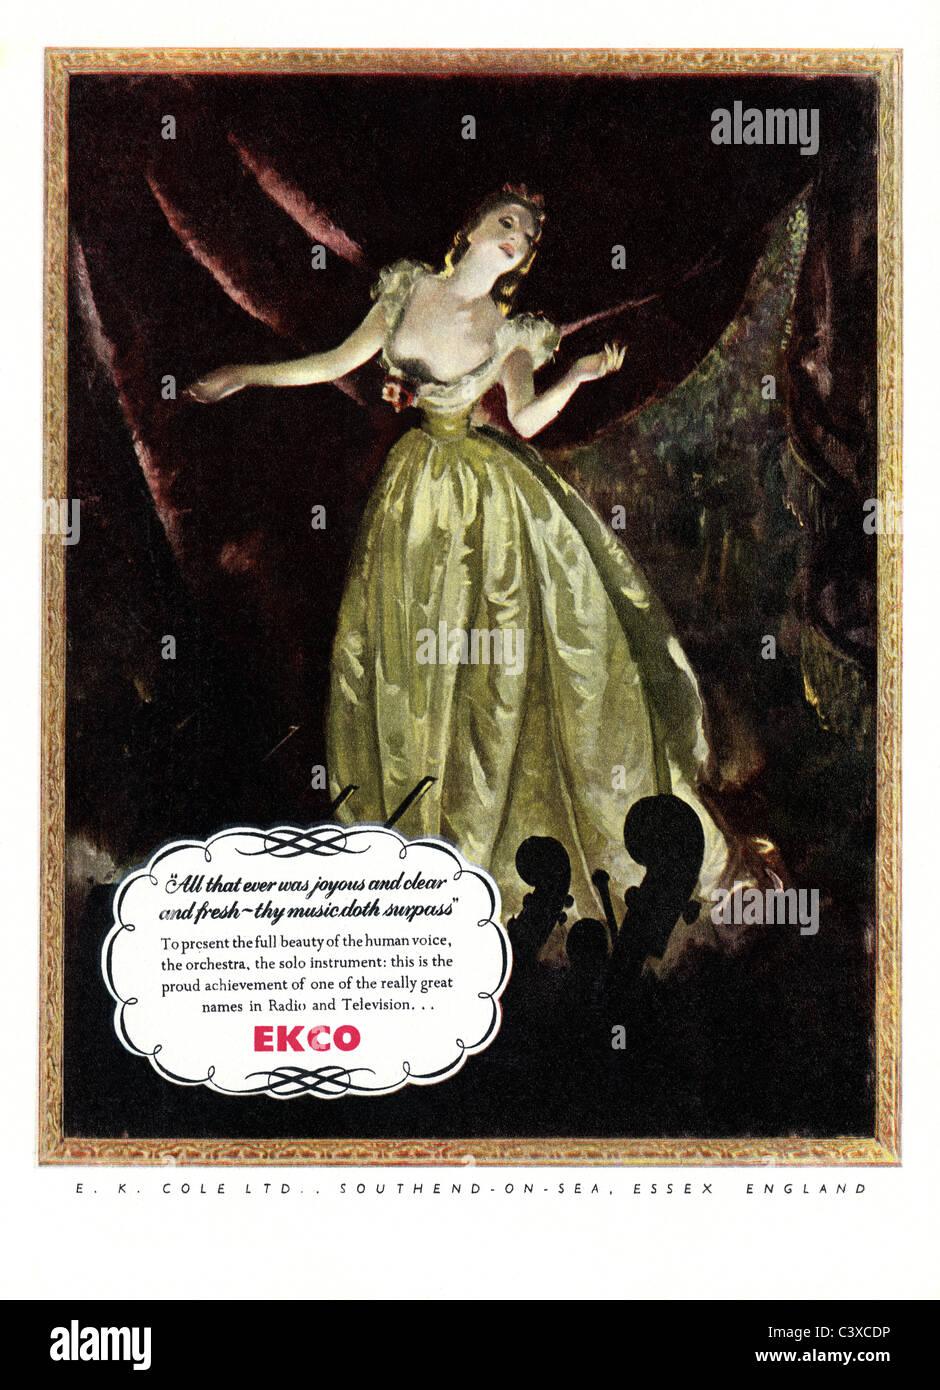 Publicité pour Ekco, du Festival de Grande-Bretagne guide, publié par HMSO. Londres, Royaume-Uni, 1951 Banque D'Images